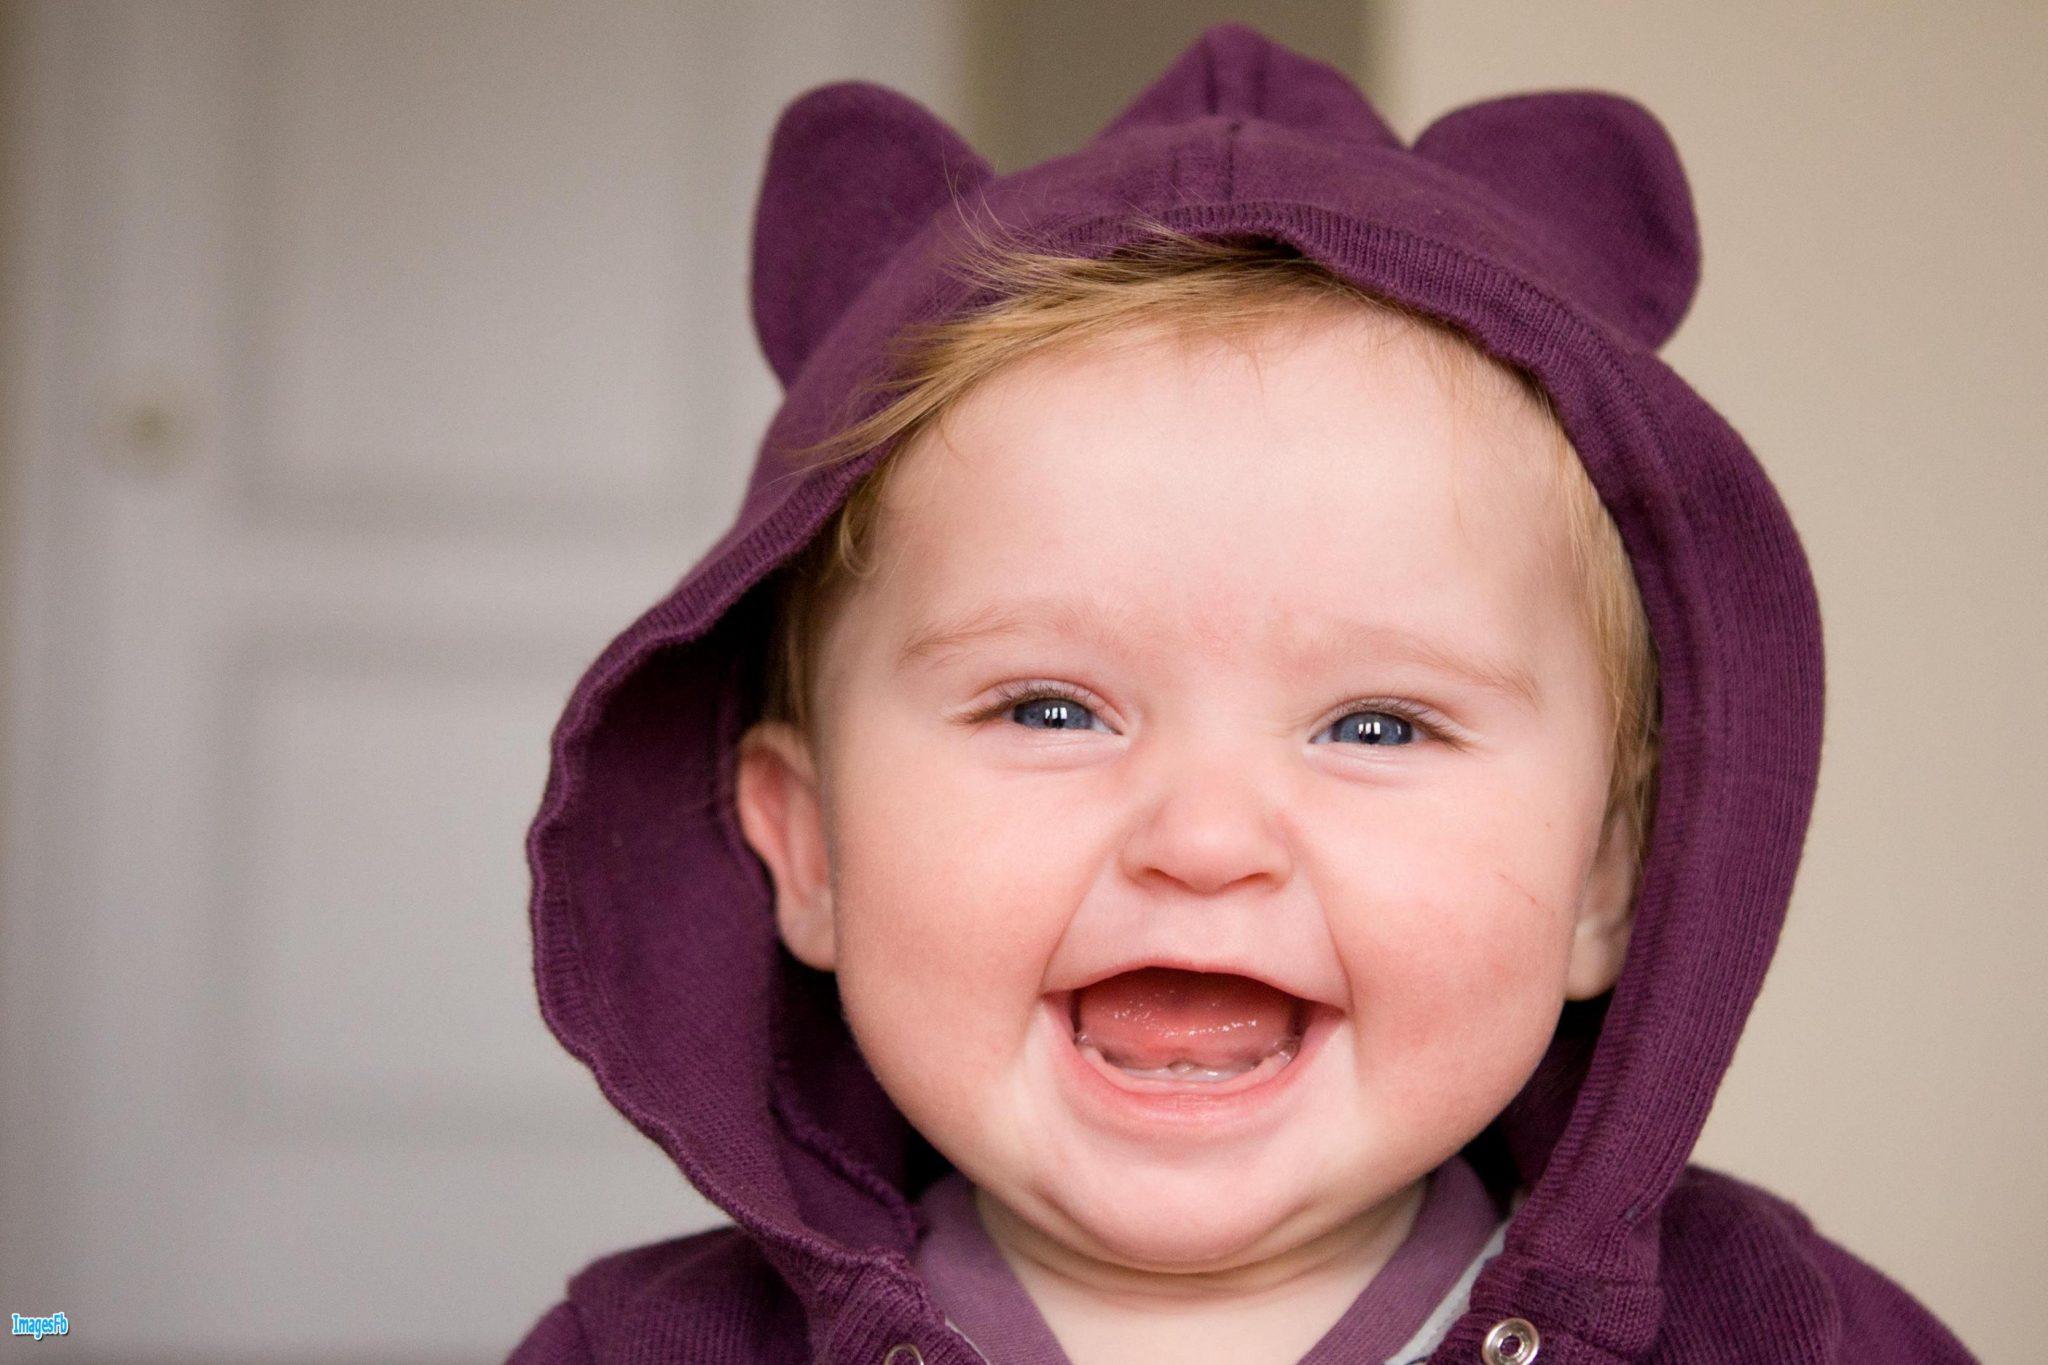 بالصور صور اجمل طفل , اجمل واروع صور الاطفال 3562 4